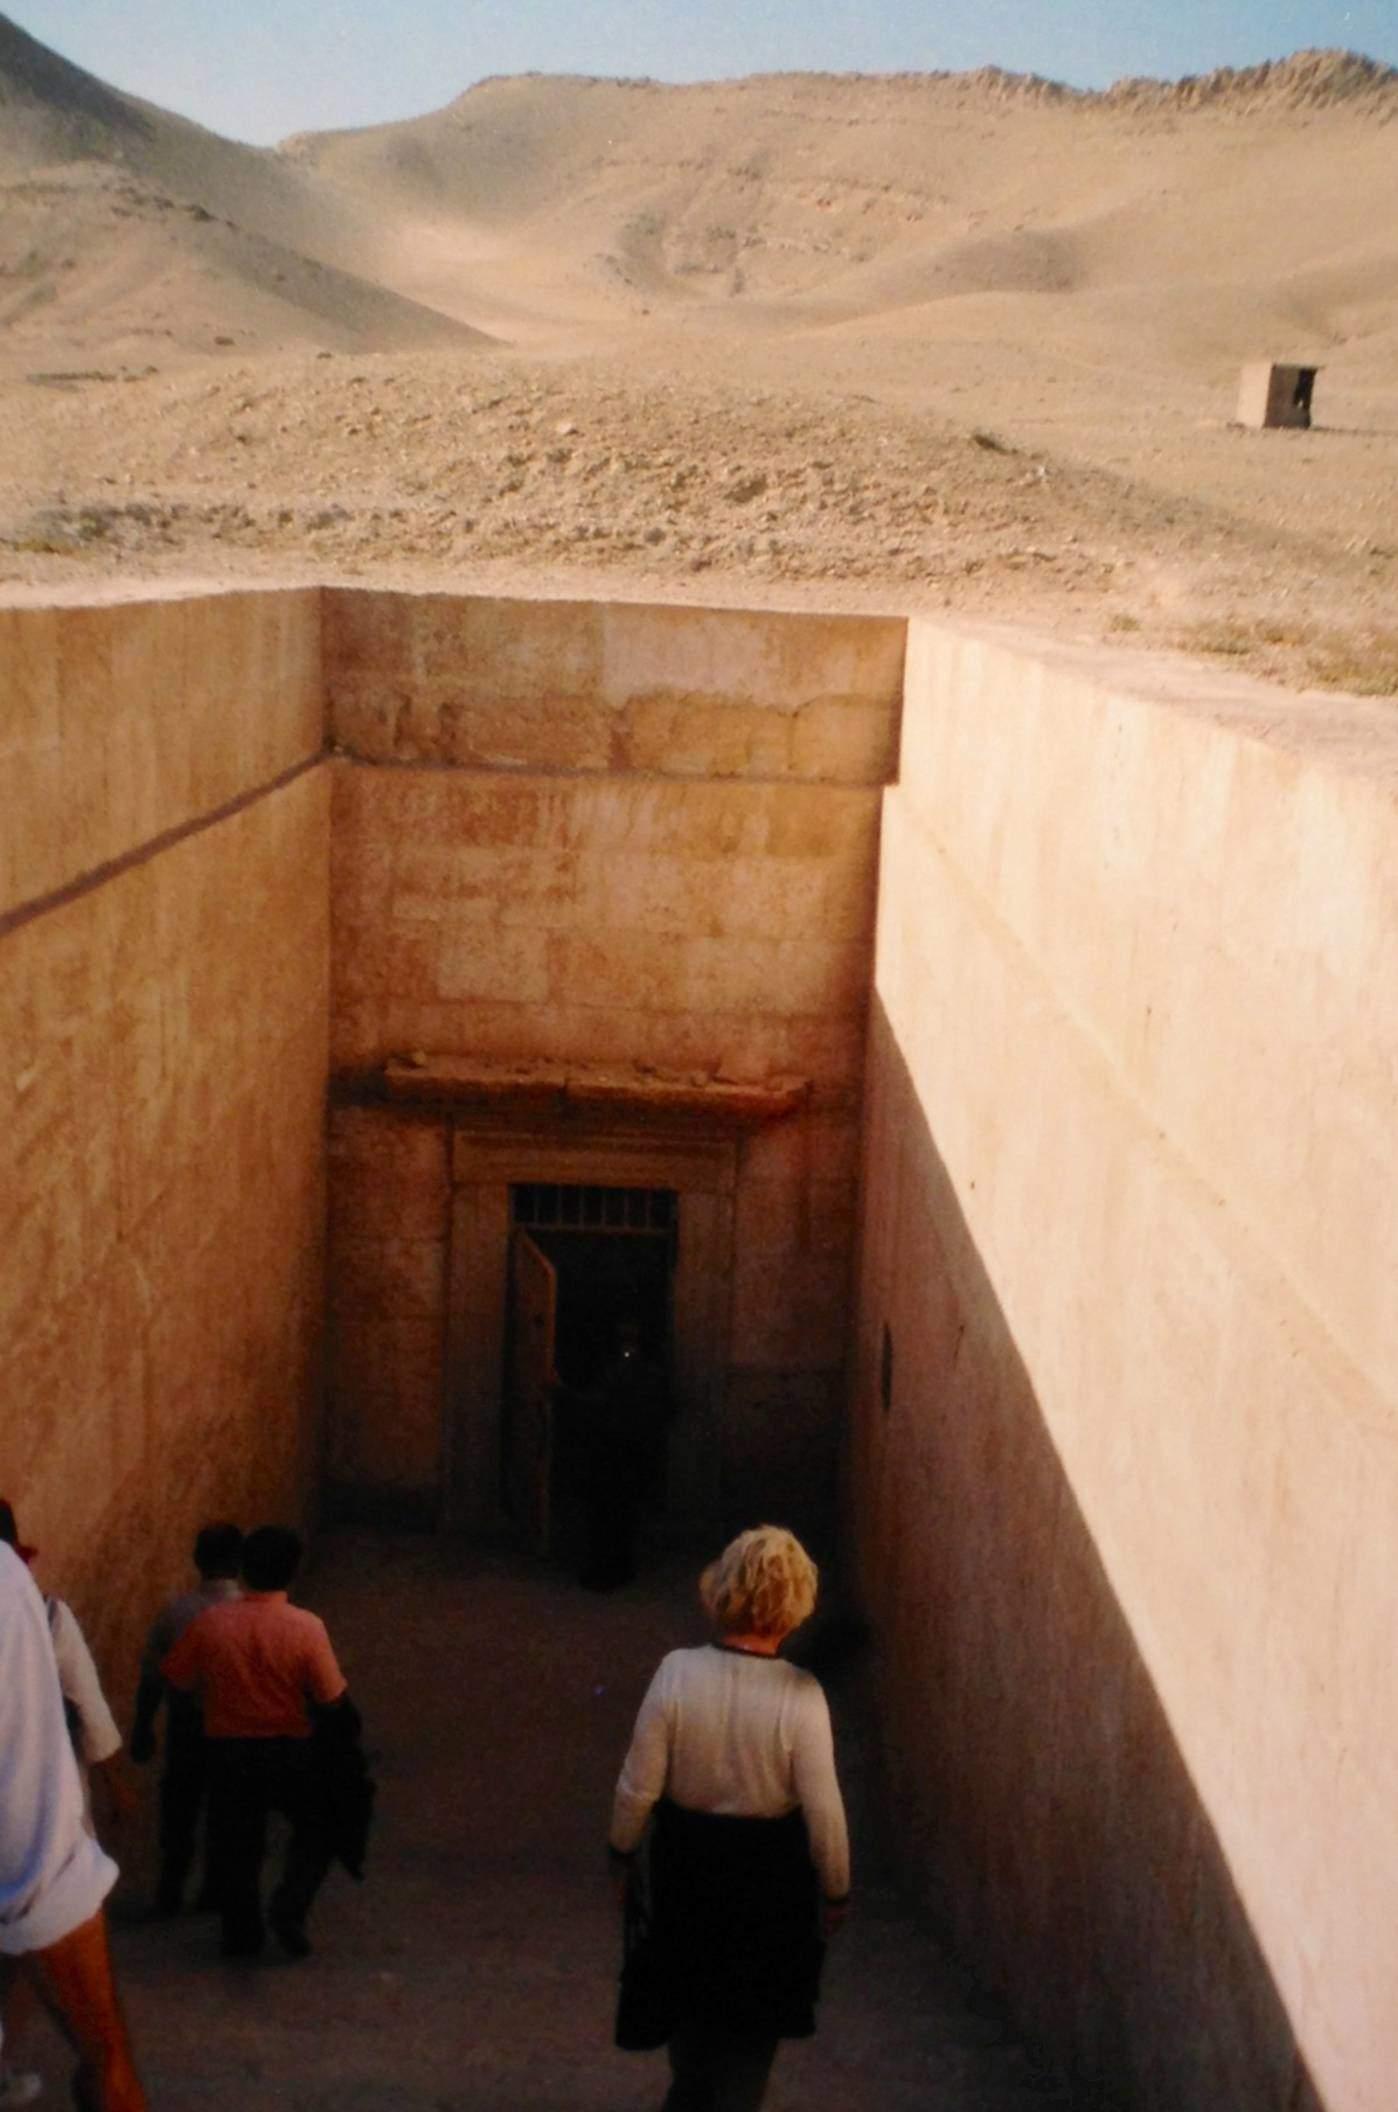 Suriye'de Palmyra'da 50 hipoje var. Bunlardan biri olan Üç Erkek Kardeşi Mezarı'nın girişi ve lahitleri. Fotoğraflar: Füsun Kavrakoğlu